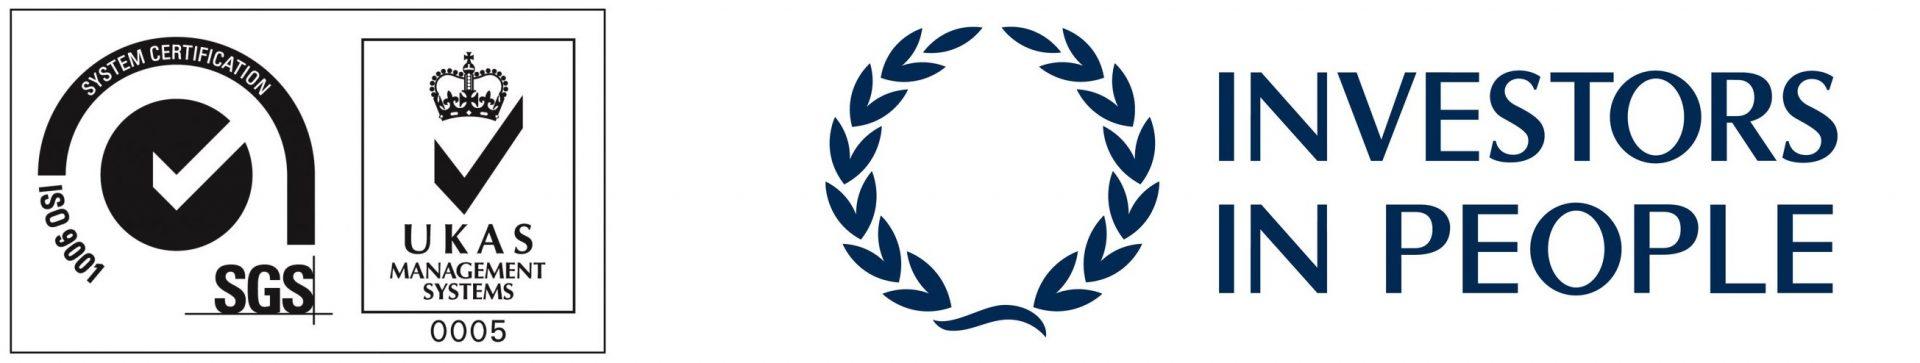 UKAS & Investors in People Logos